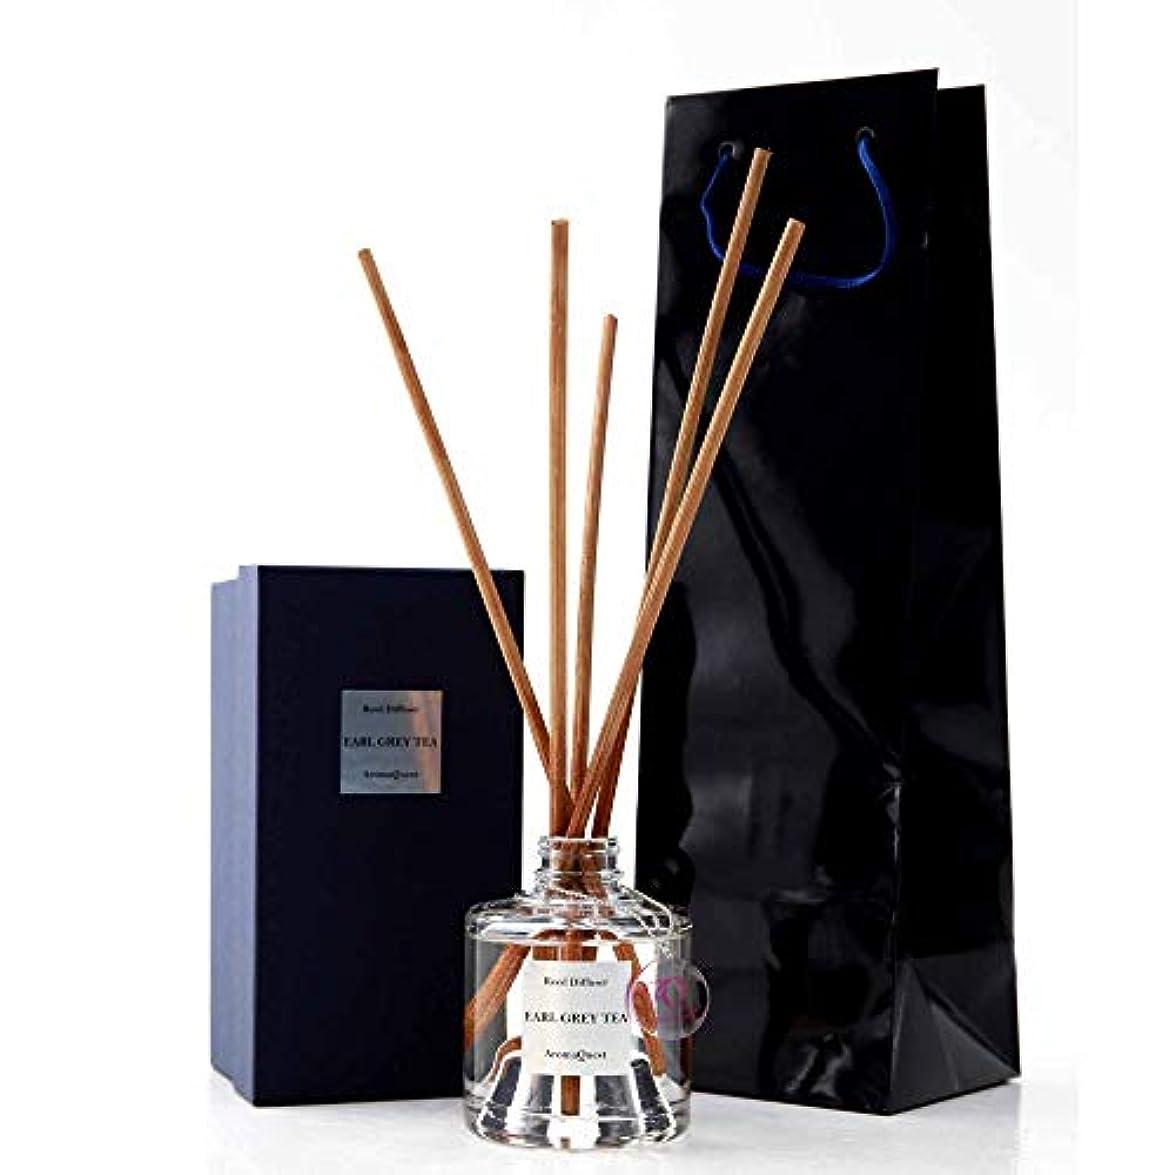 処理する気球大統領ルームフレグランス リードディフューザー アロマディフューザー 150ml アールグレイティー EARL GREY TEA 紅茶の香り